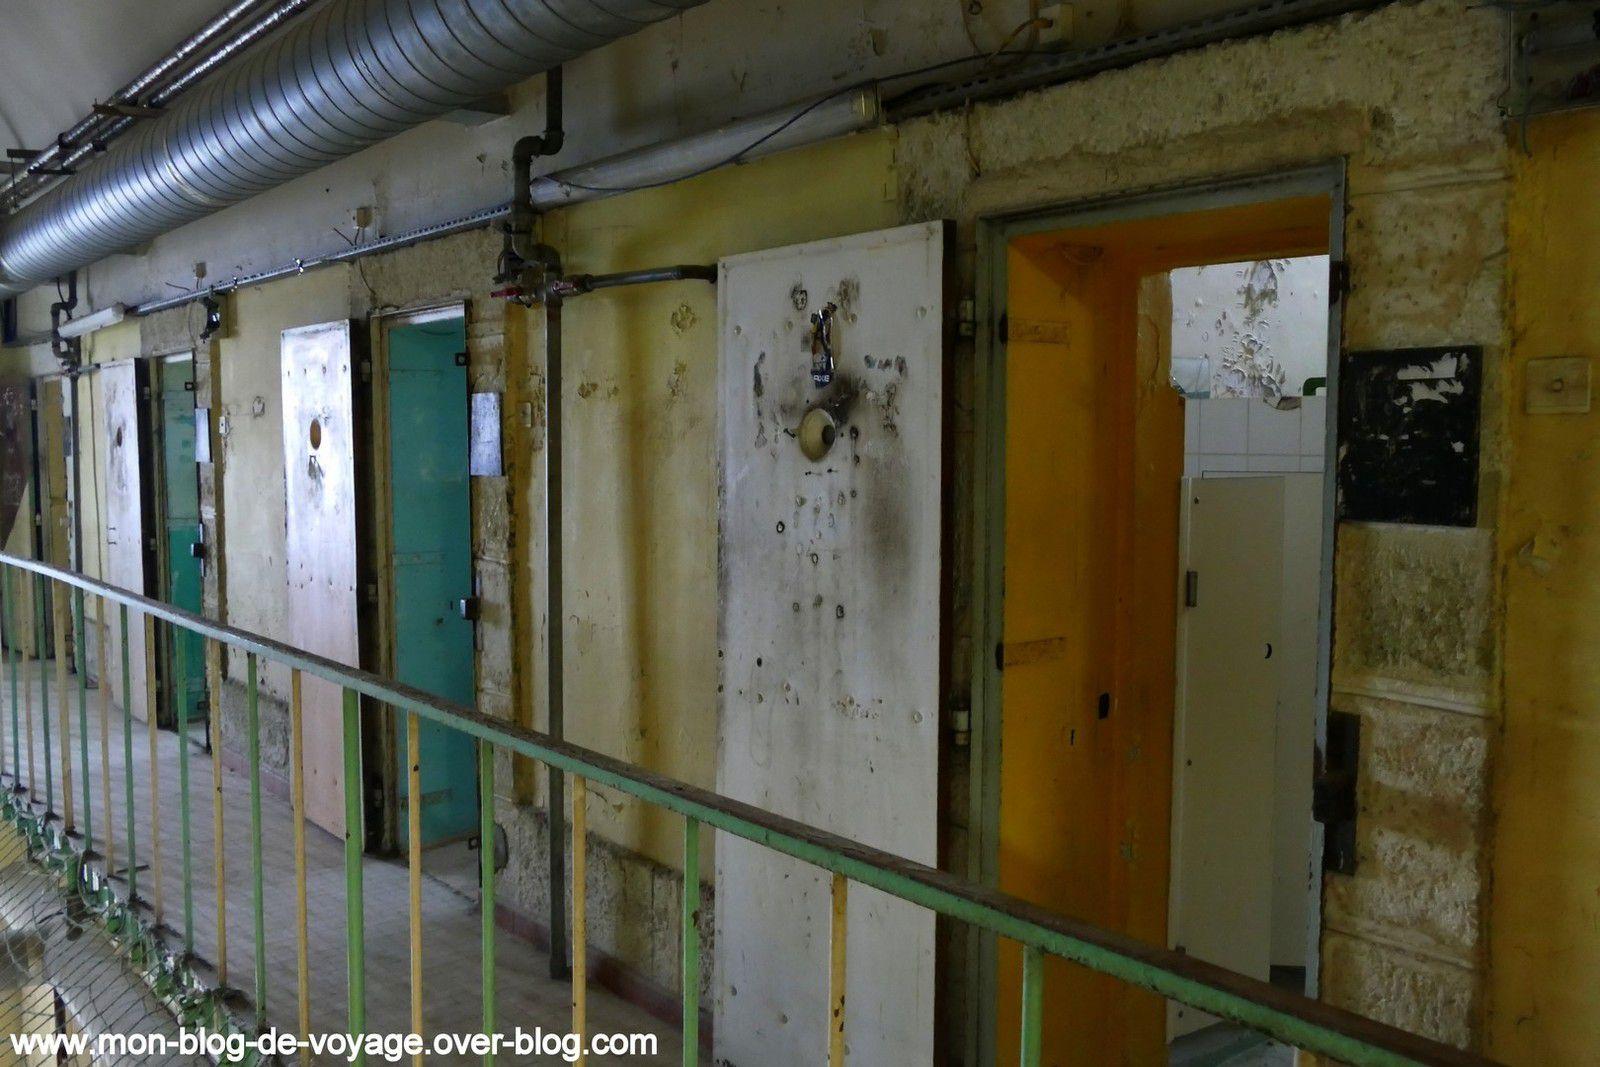 L'intérieur d'une cellule spartiate ayant subi les ravages de l'humidité (septembre 2019, images personnelles)